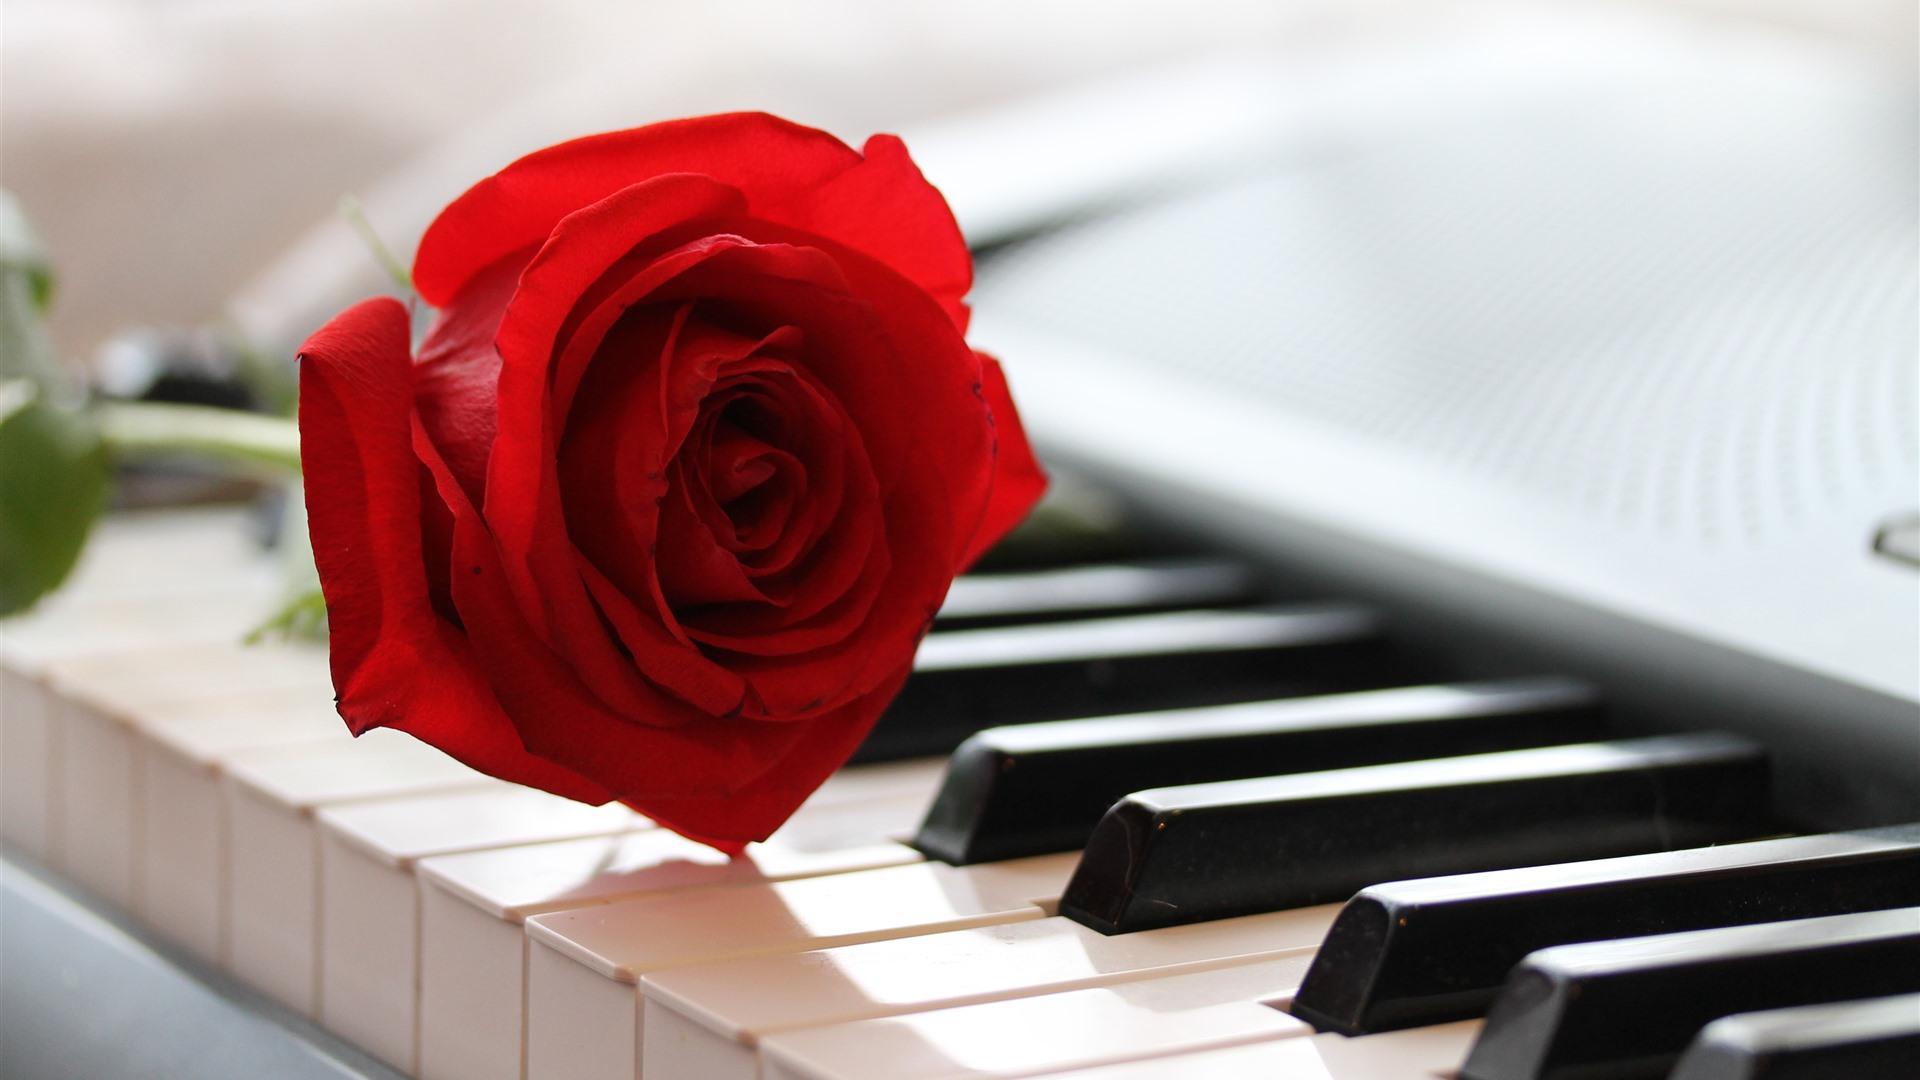 клубы майами картинка розы и клавиши разузнала